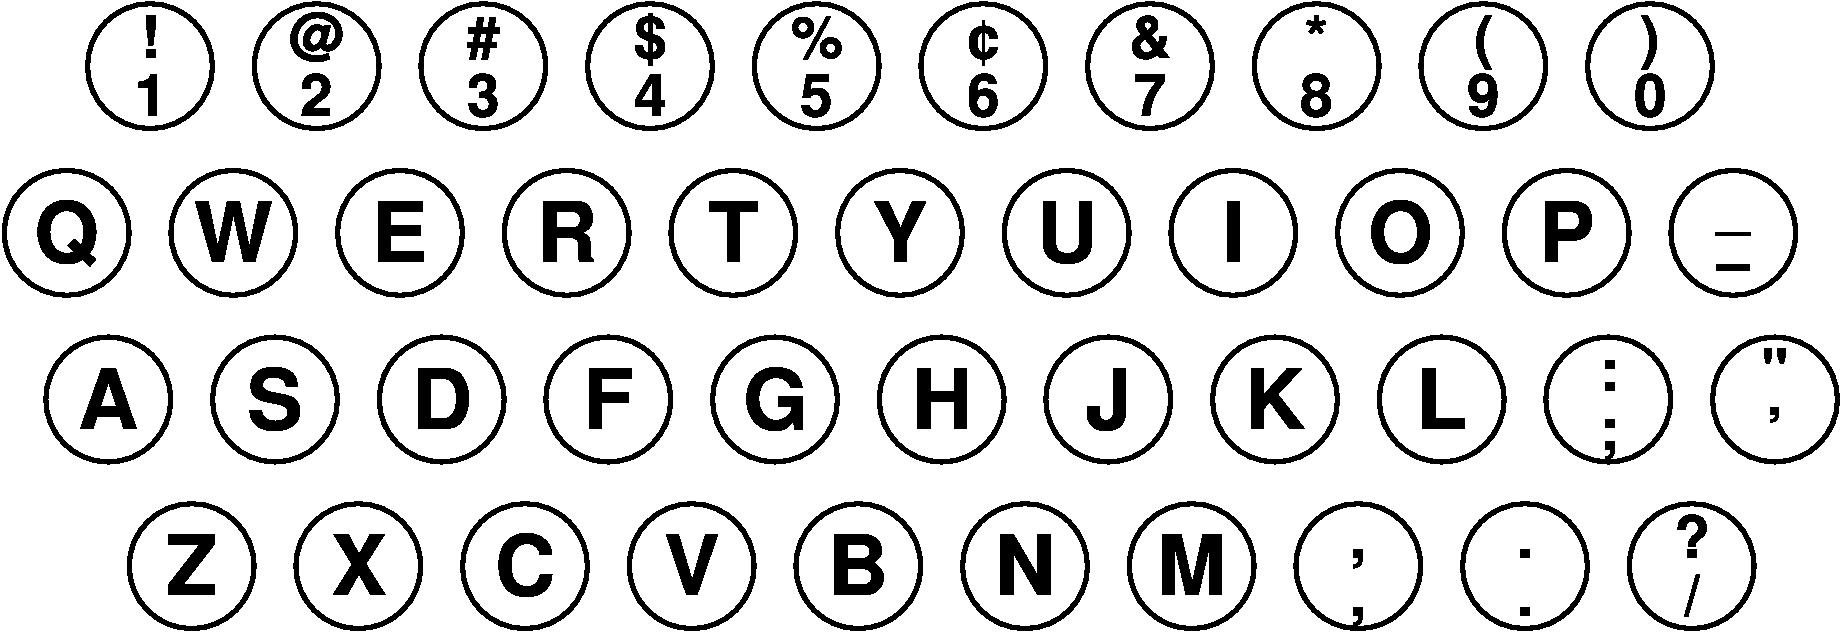 1934年2月時点の「IBM Electromatic」のキー配列